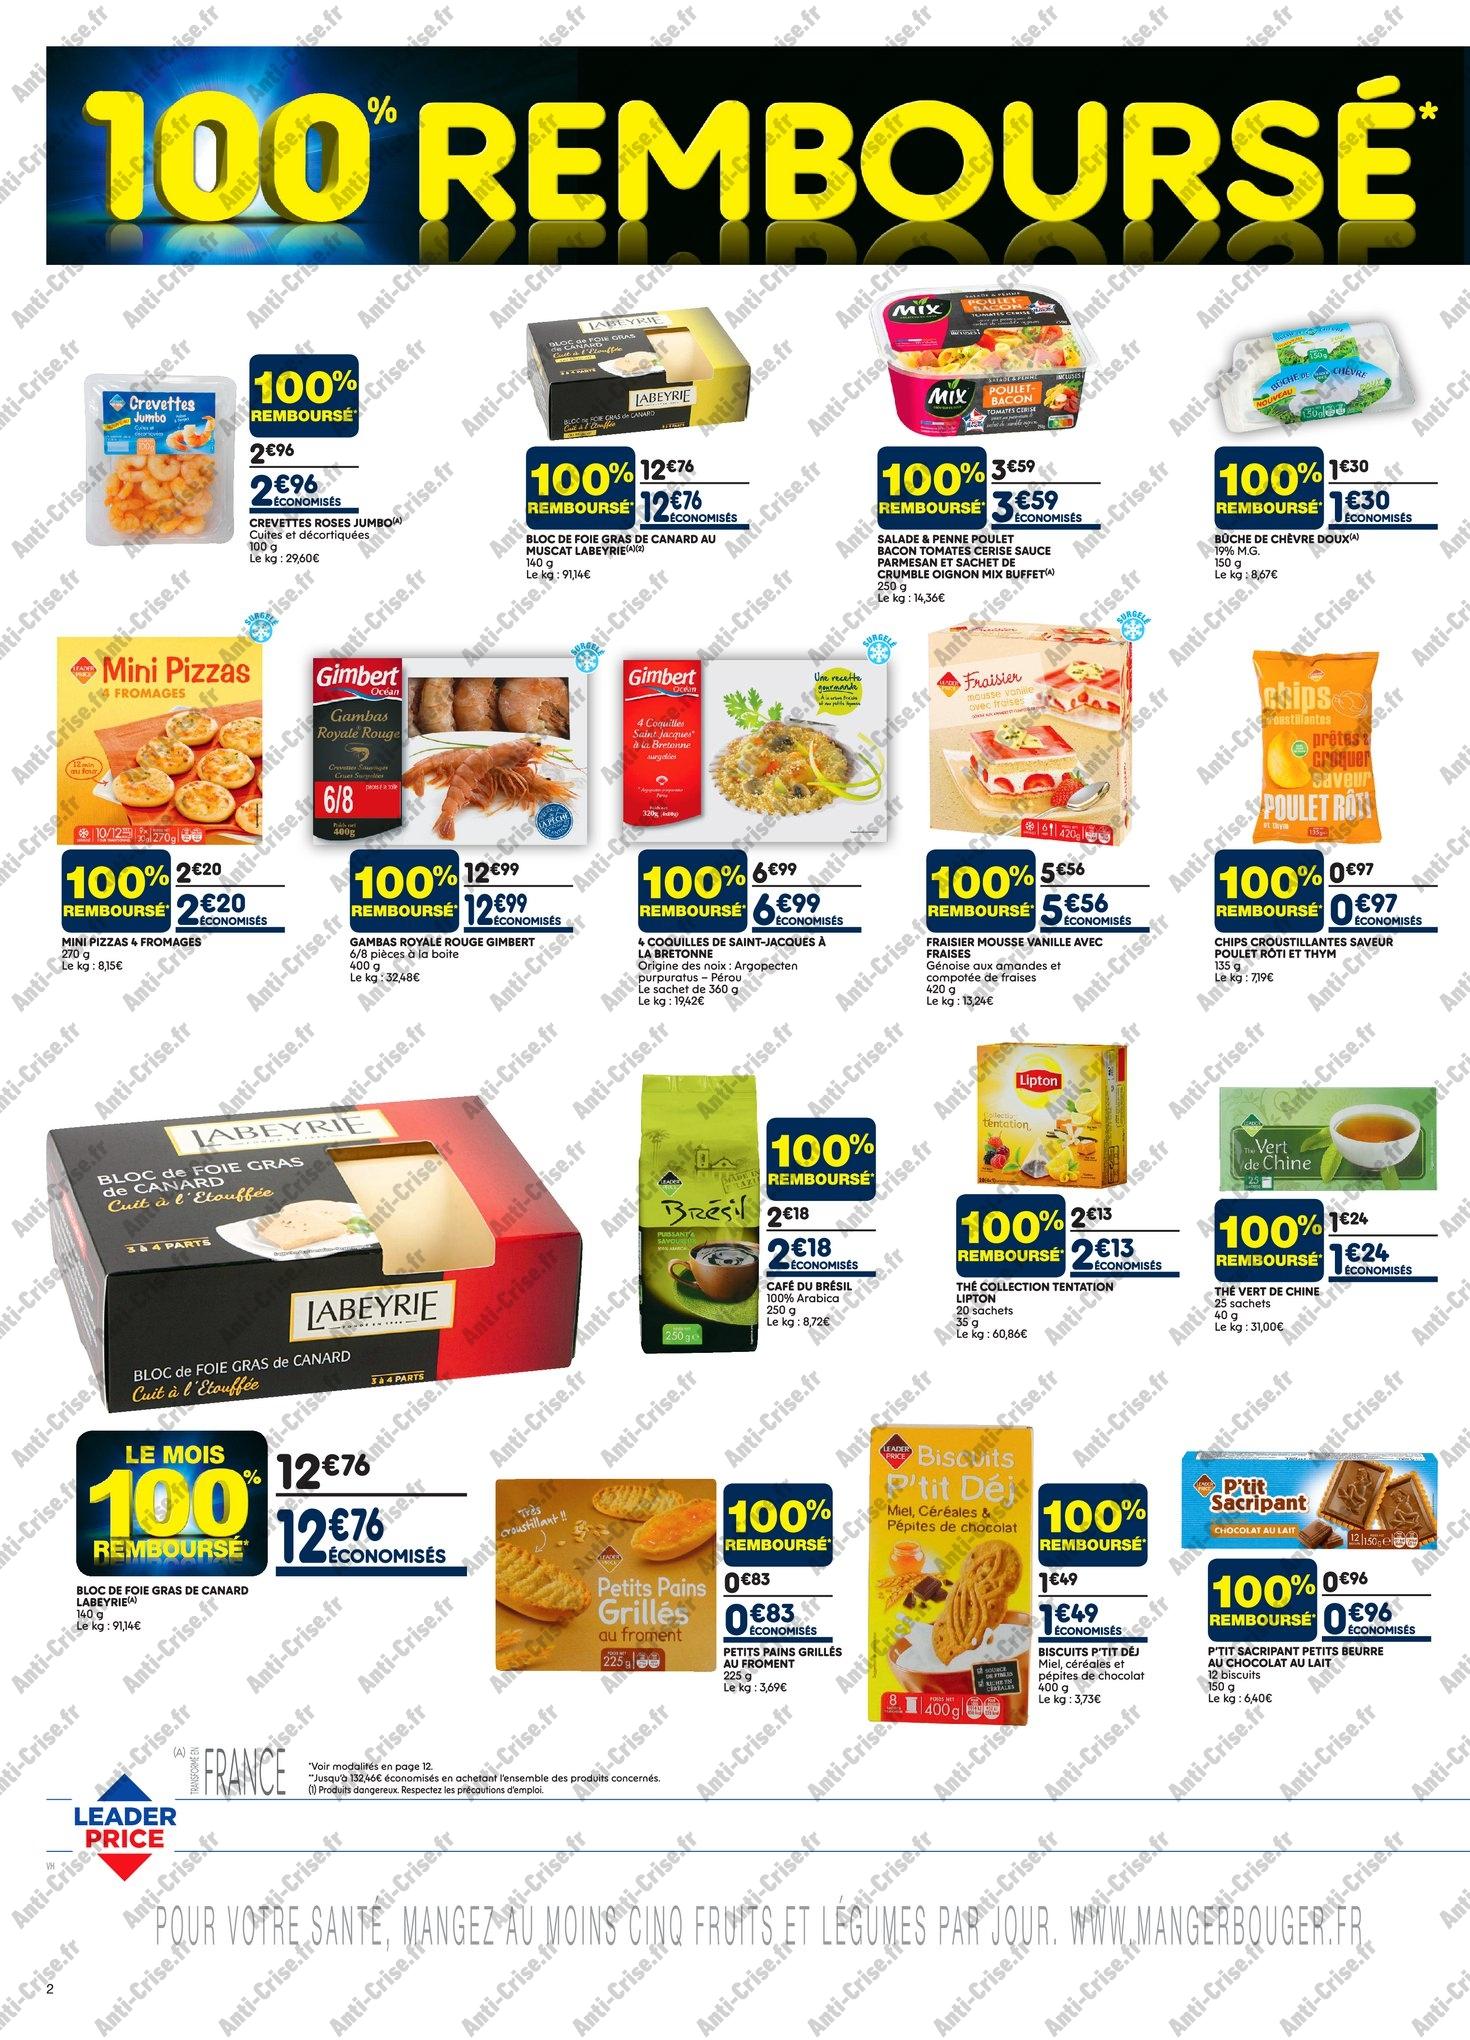 Catalogue Leader Price du 8 au 20 mai 2018 (Le Mois 100% Remboursé Vague 1) (2)